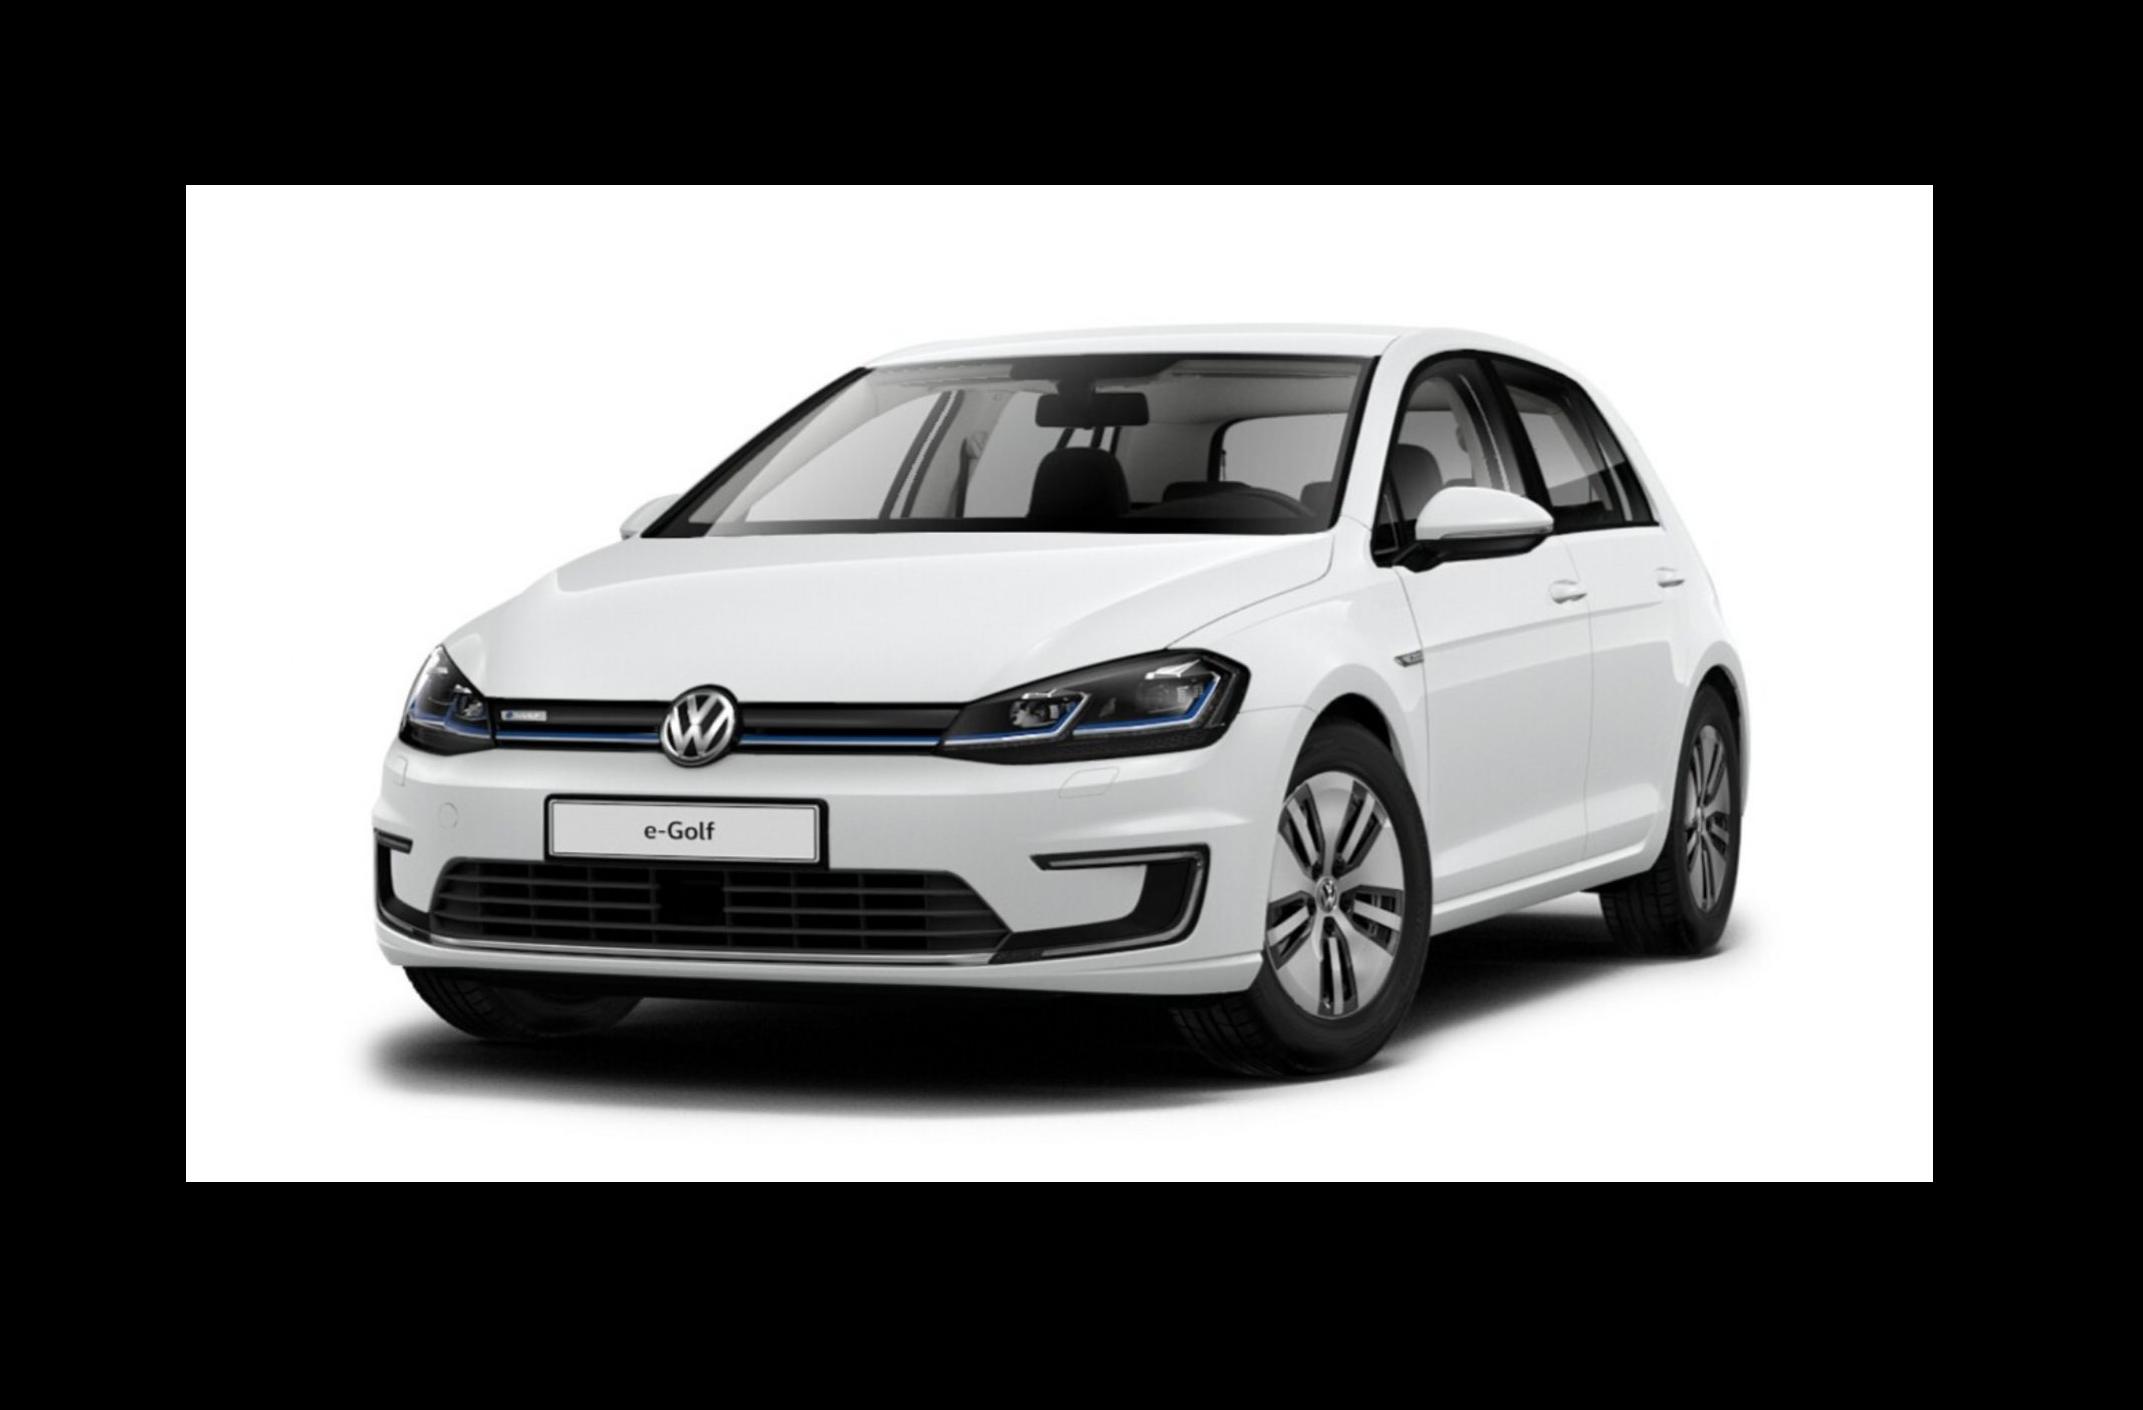 Lisa - ANDERSTORPSVÄGEN 4, SOLNATillsammans med Wåhlin Fastigheter erbjuder vi våra användare att hyra en Volkswagen eGolf